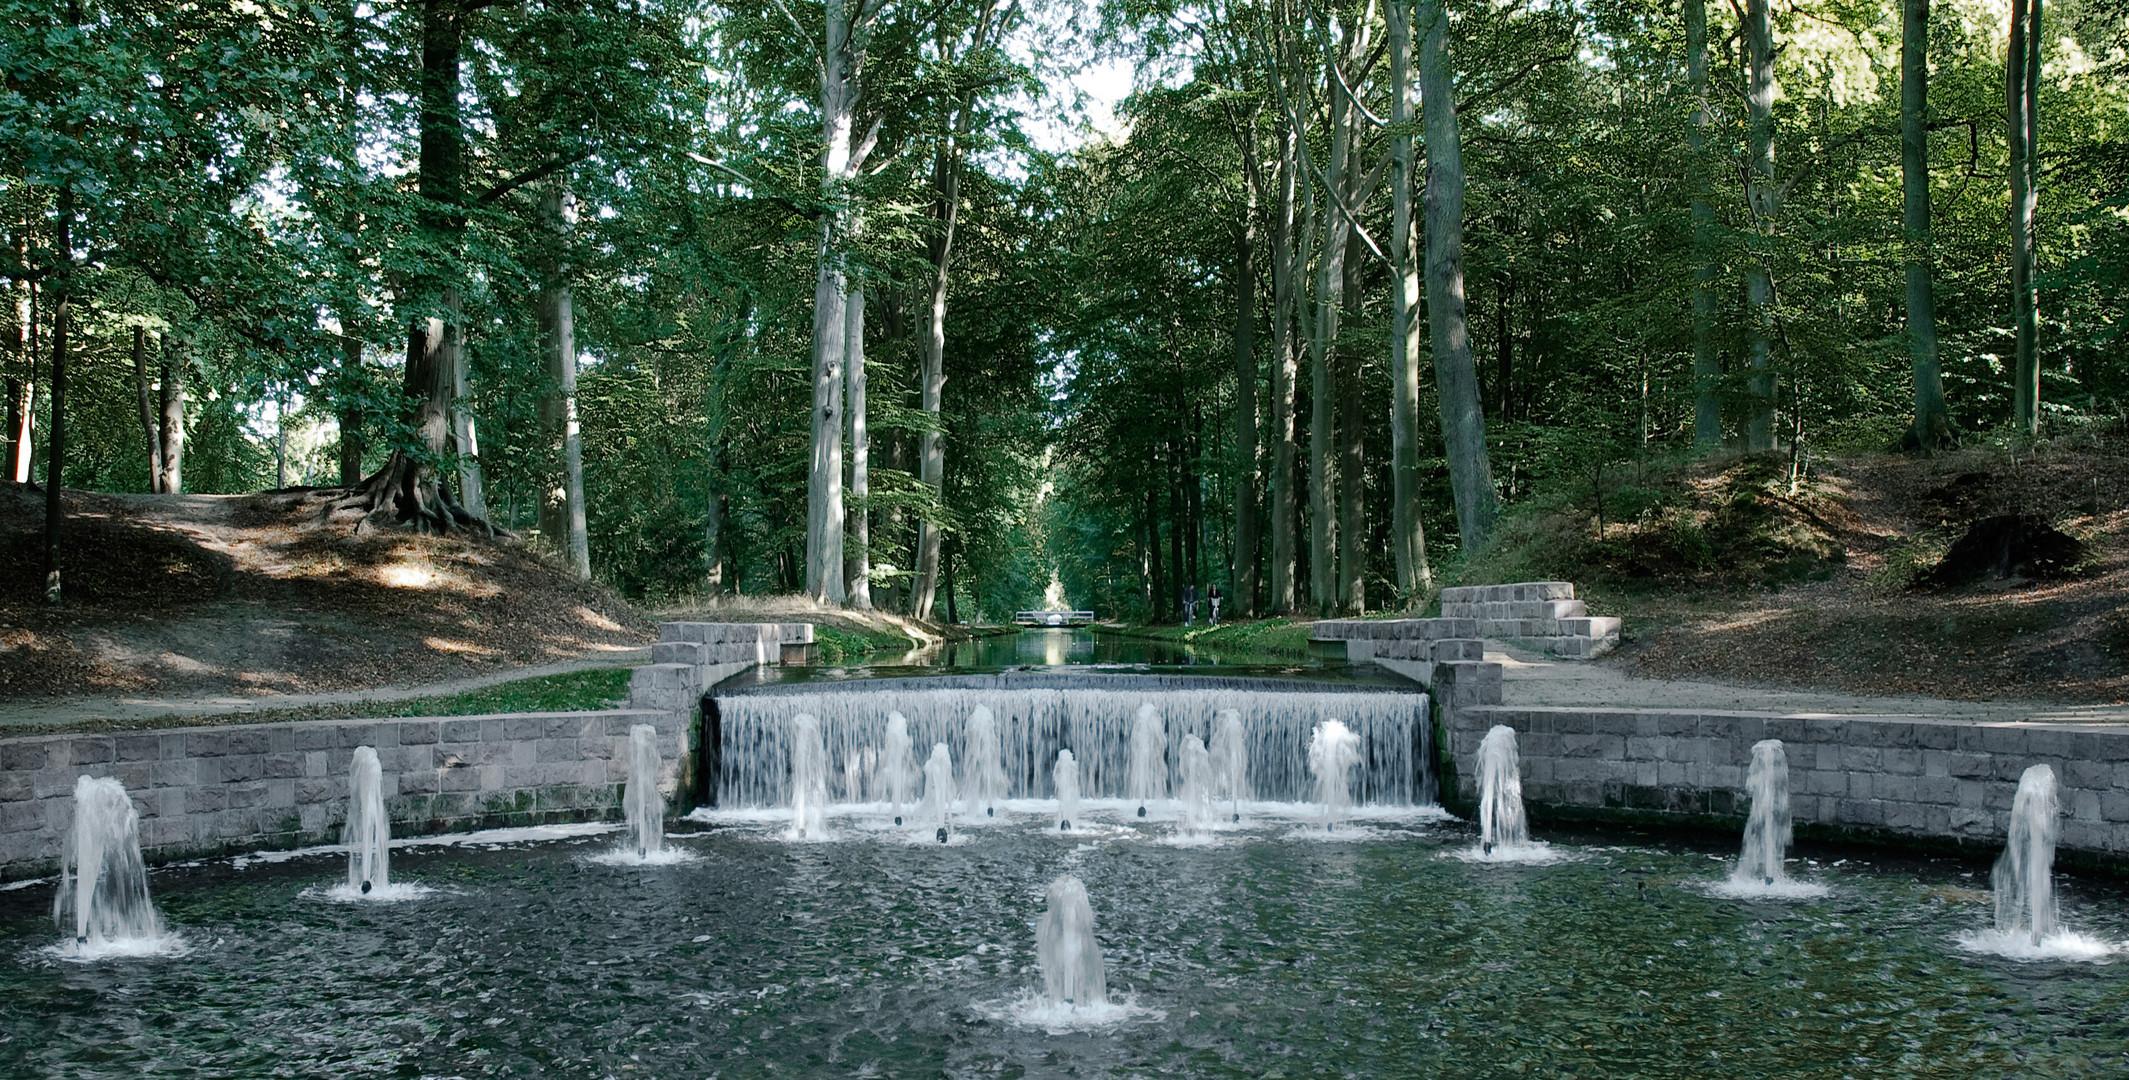 Ludwigslust 8: Wasserspiele vor einem darauf zulaufenden Kanal